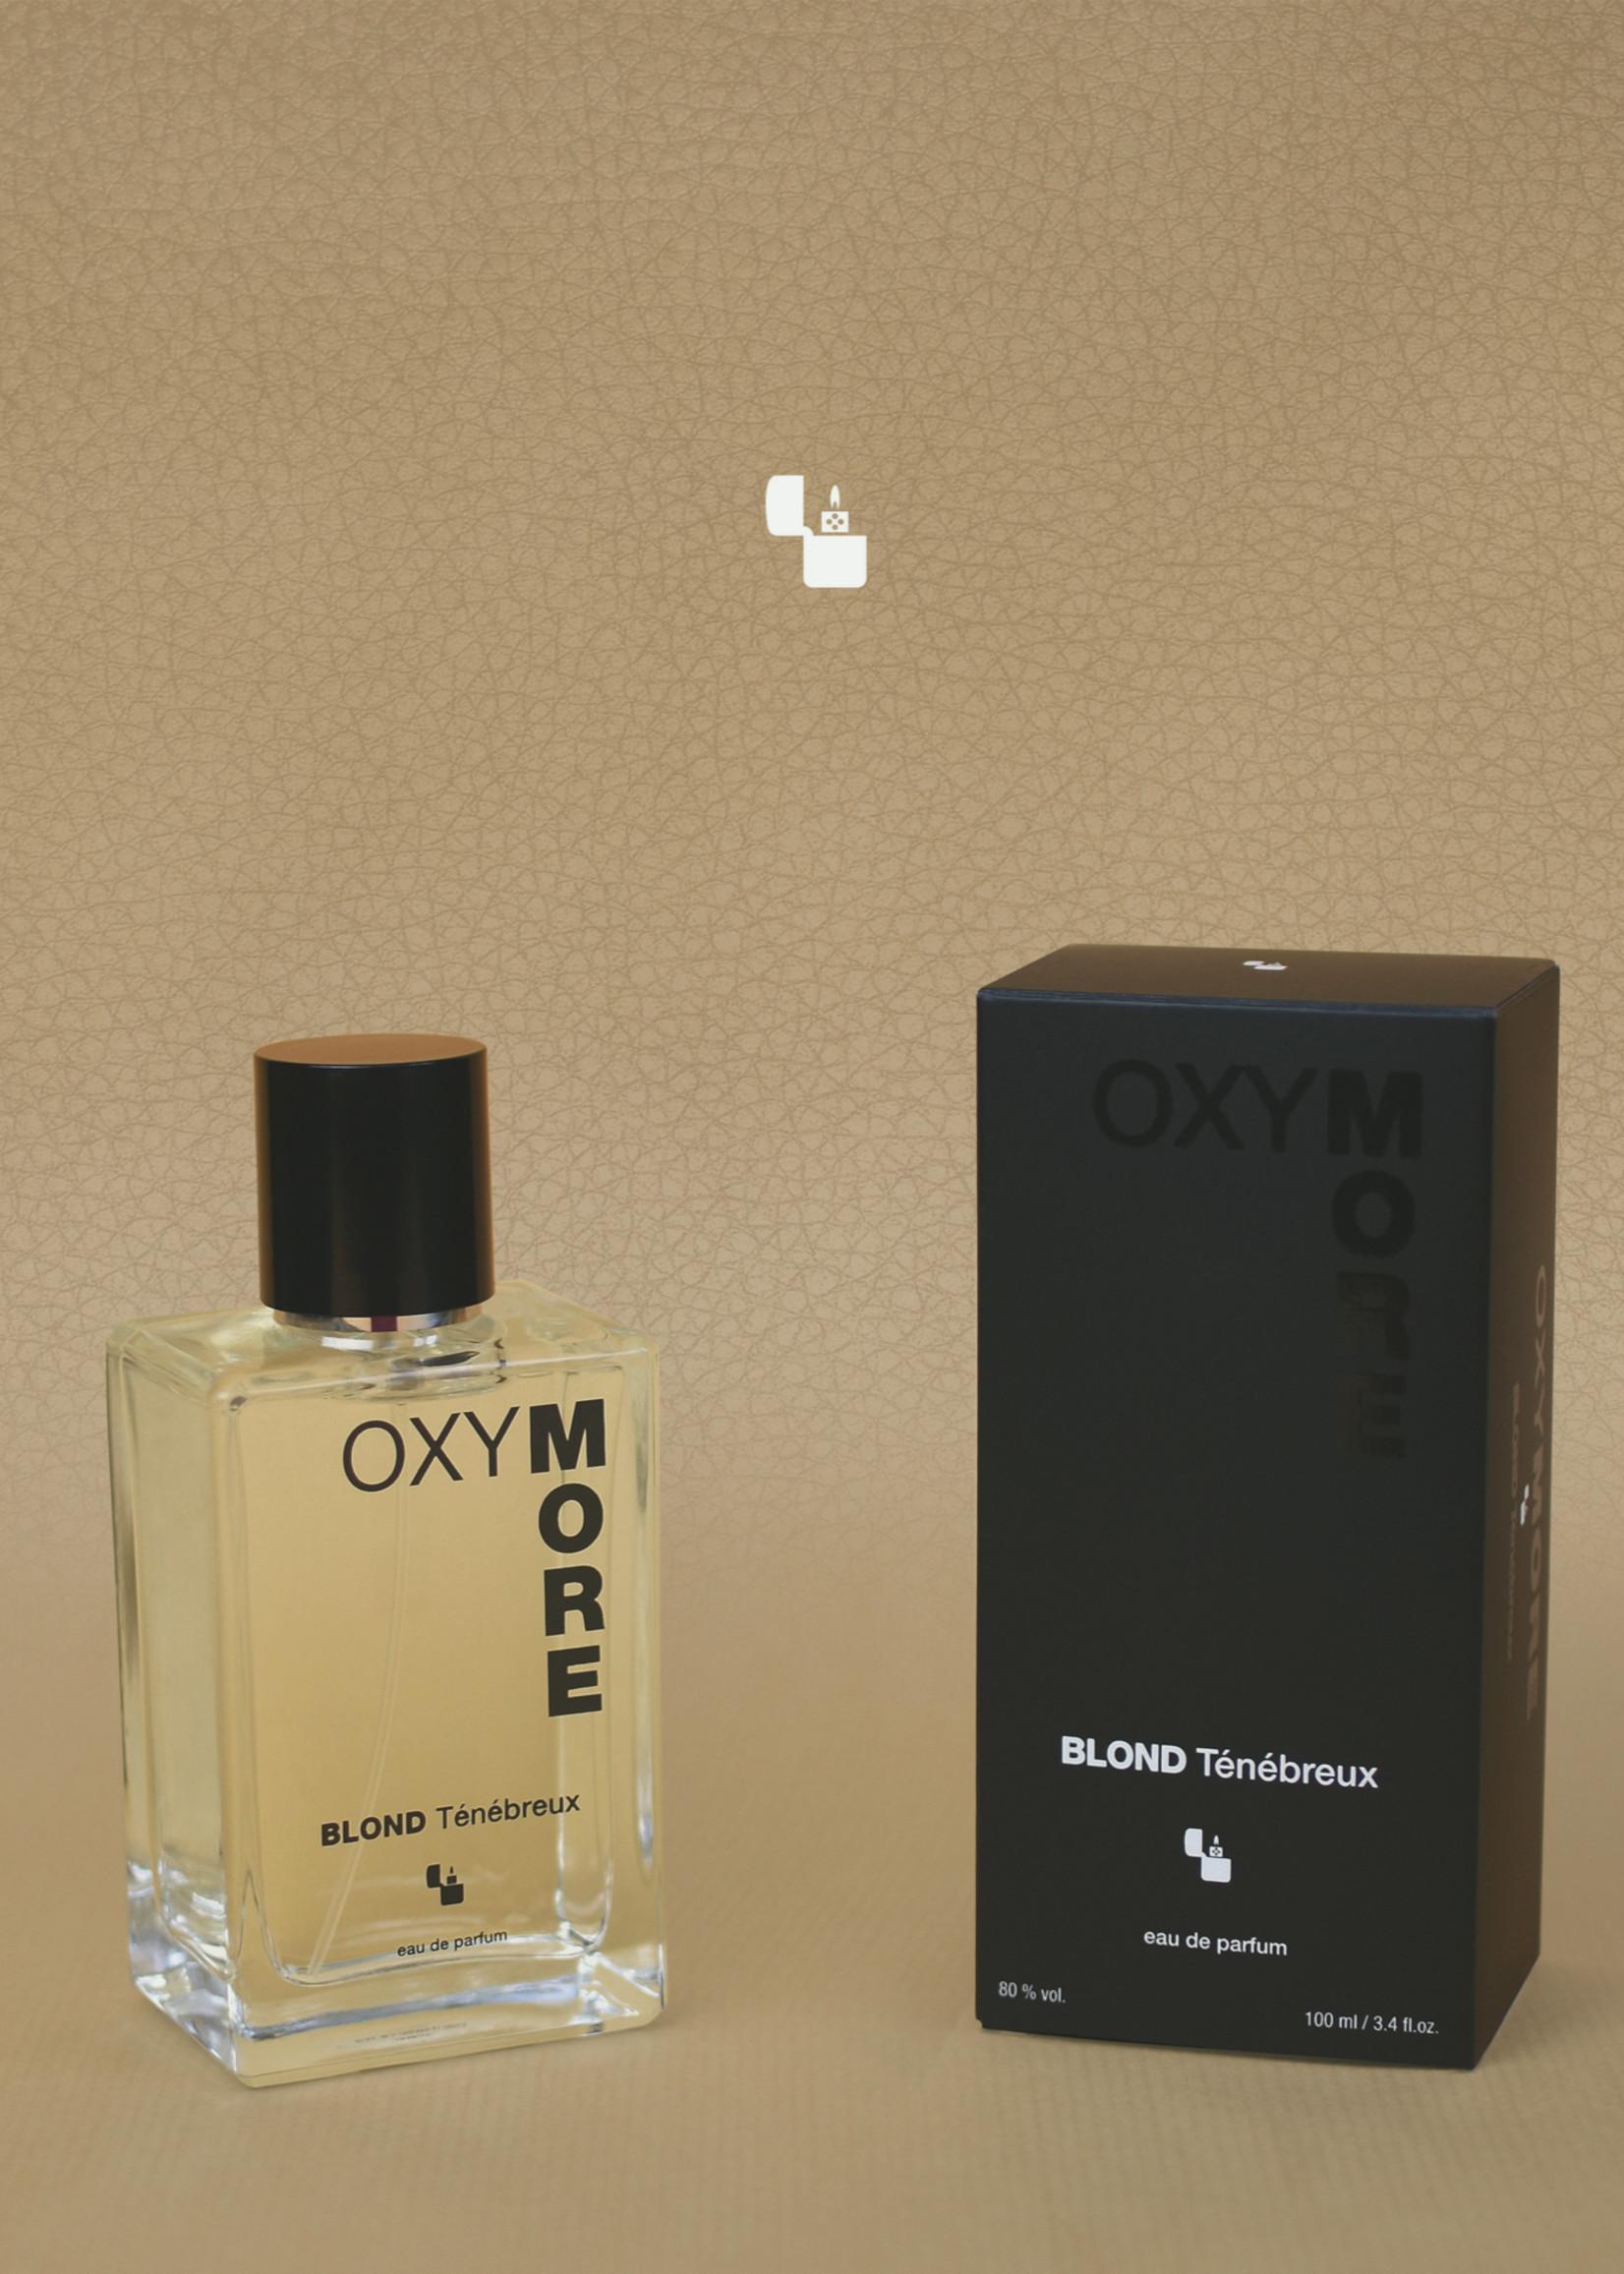 Oxymore Oxymore - Blond ténébreux - Eau de Parfum